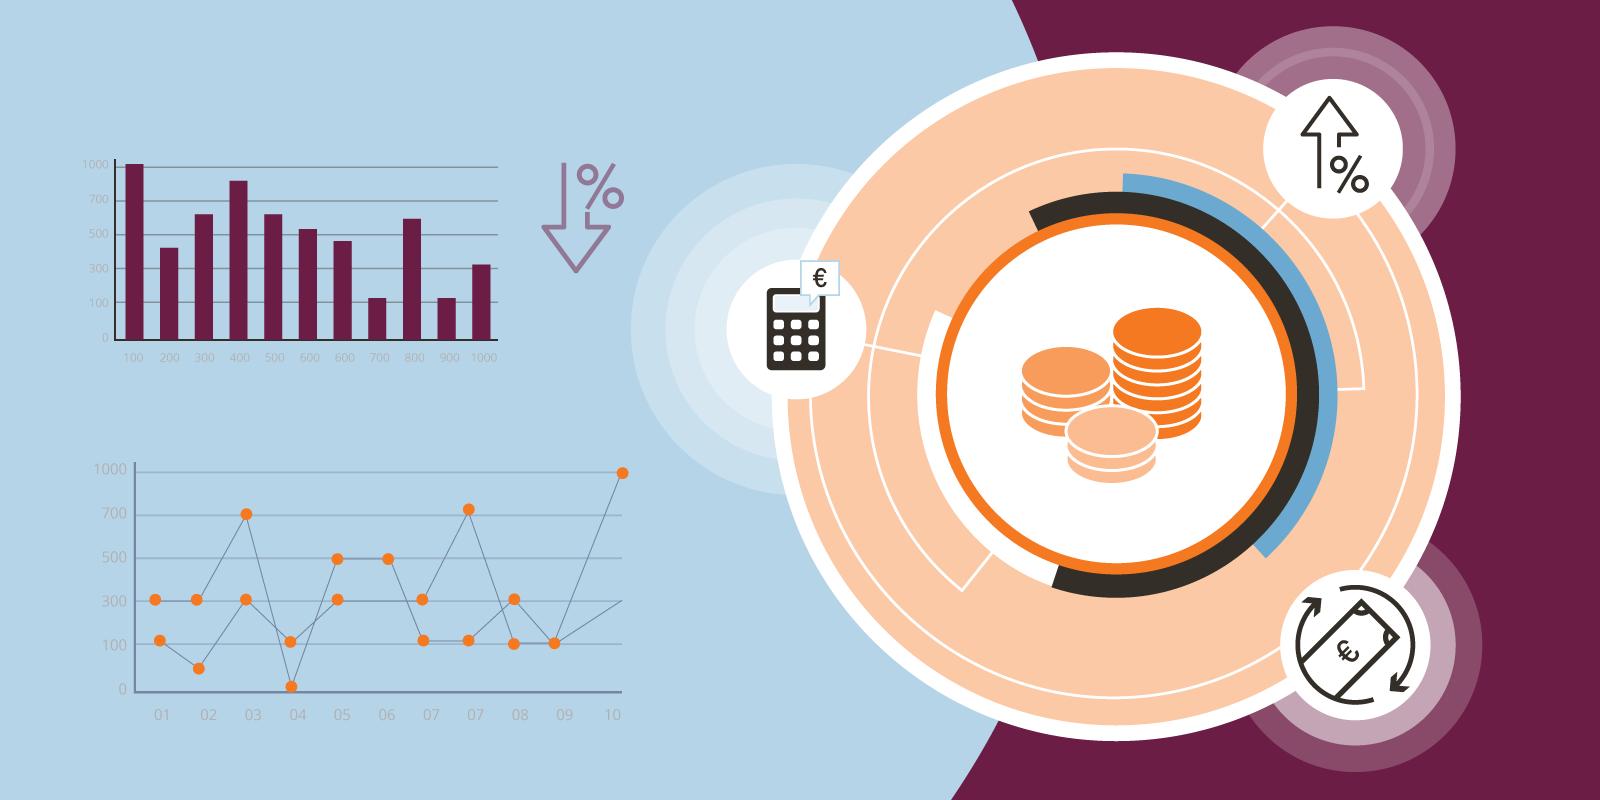 Мерки за преструктуриране на фирмения бюджет в условията на криза - balkanservices.com